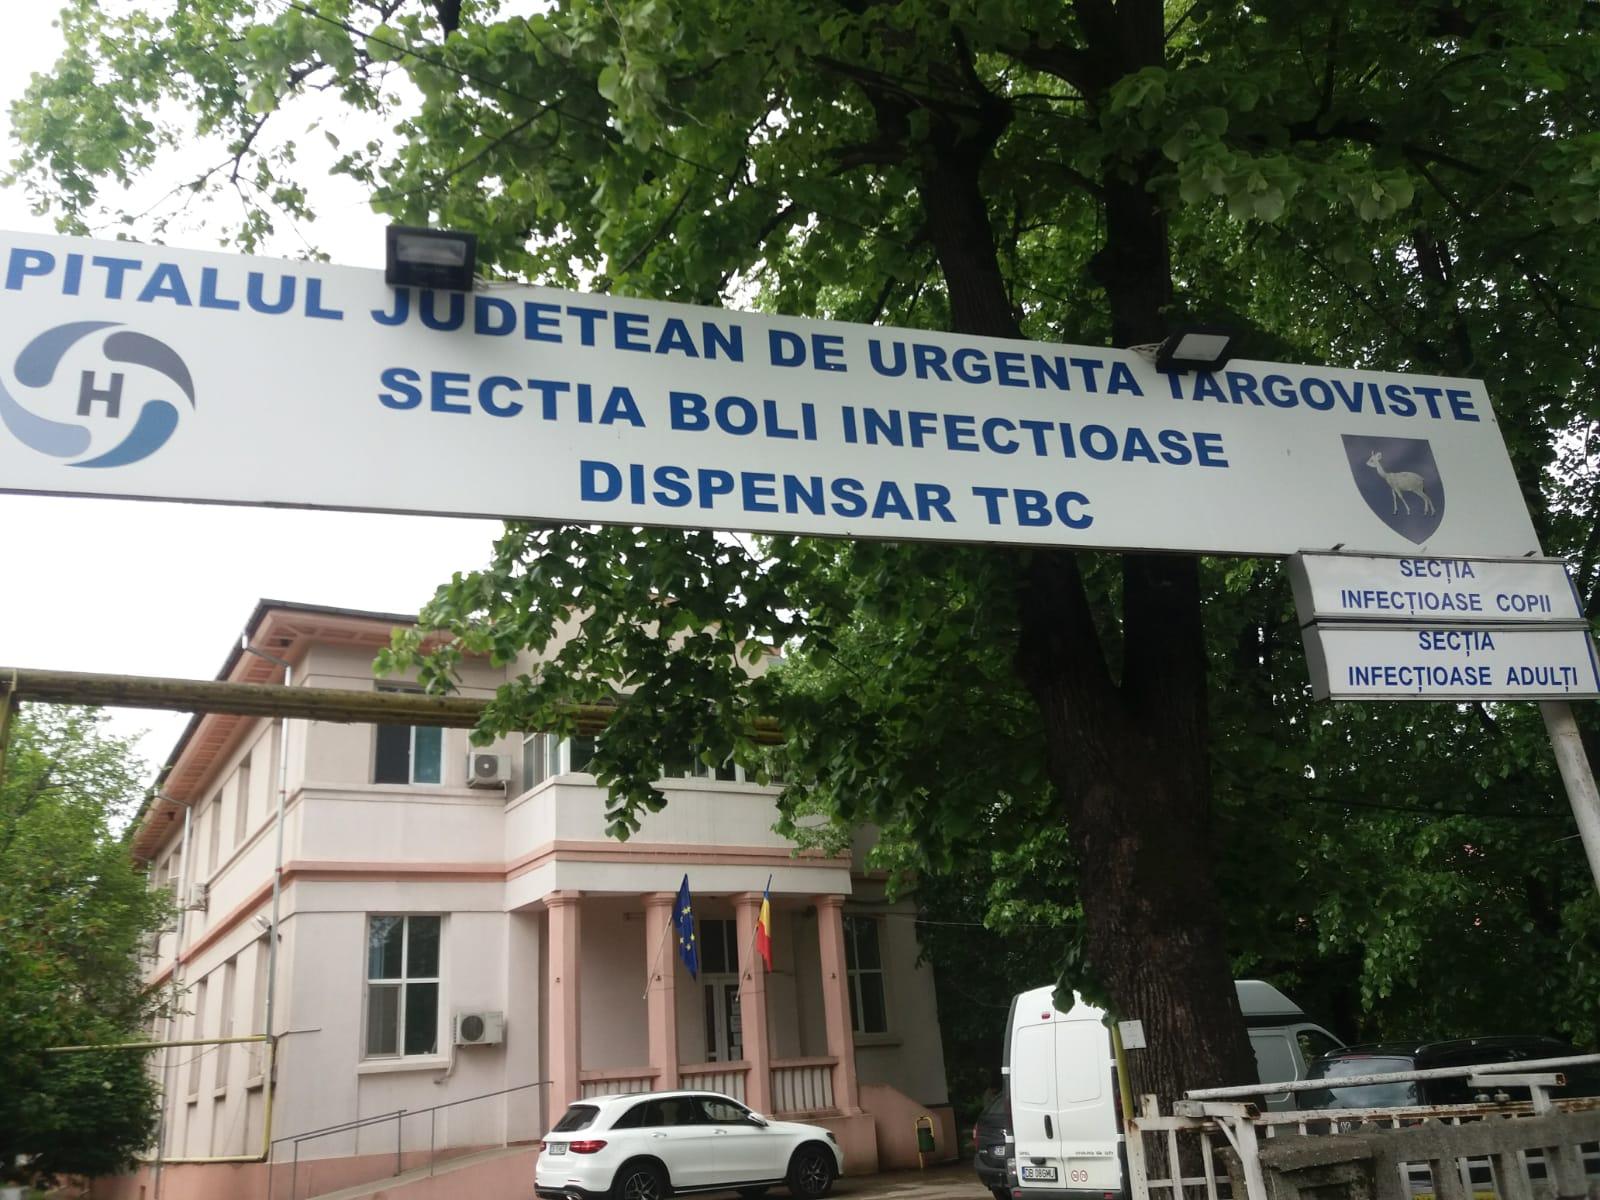 Secția Boli Infecțioase pe  lista de priorităţi  2019, a  CJ Dâmboviţa  şi conducerii Spitalului Judeţean de Urgenţă Târgovişte